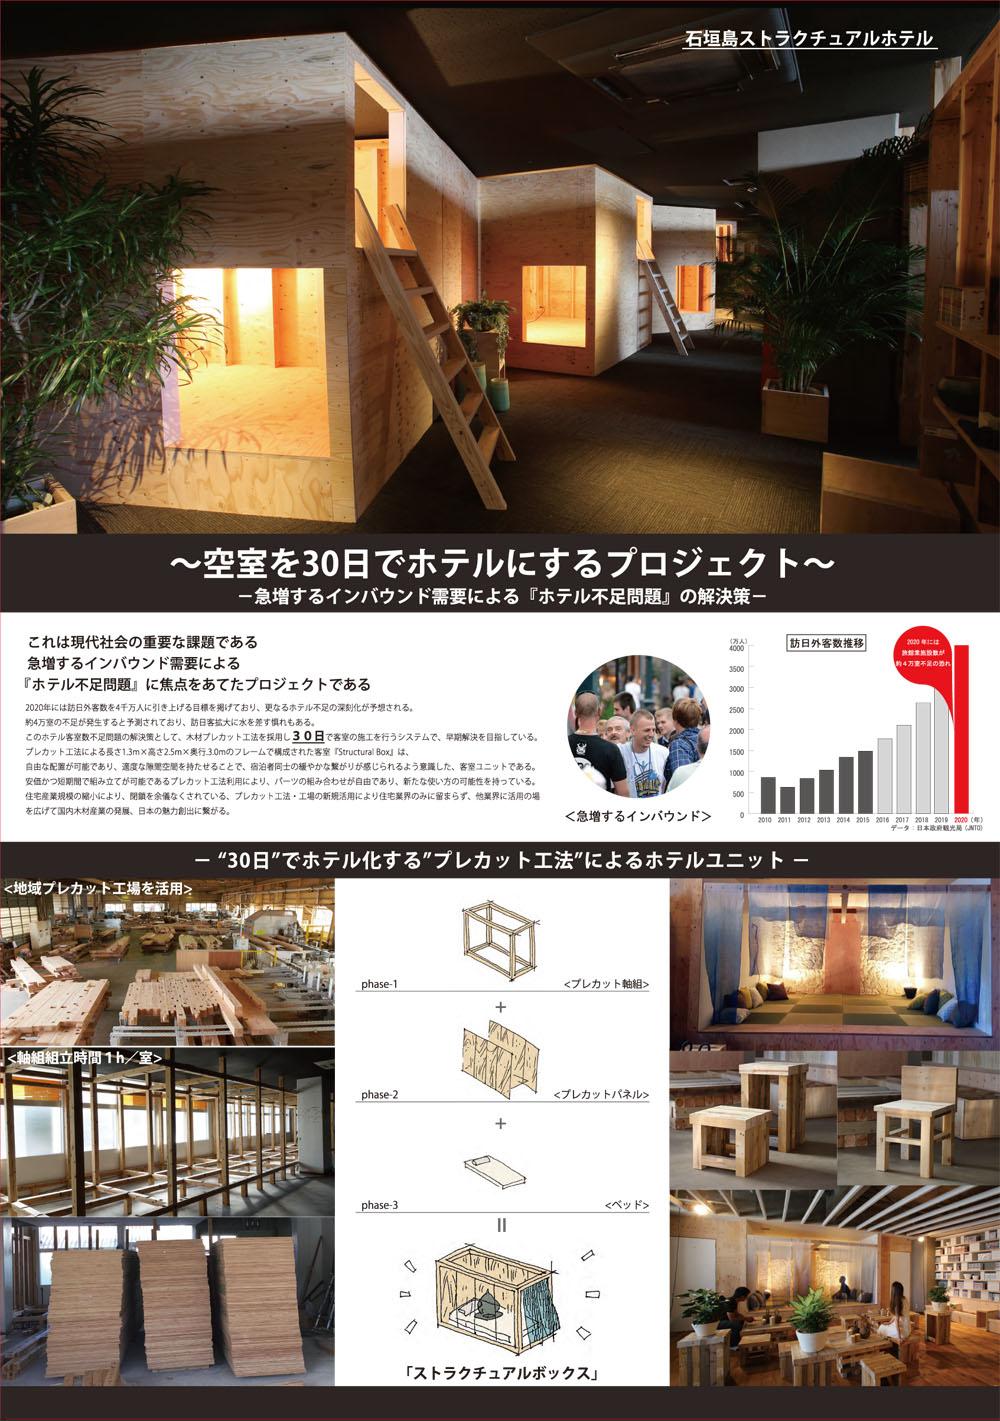 石垣島ストラクチュアルホテル